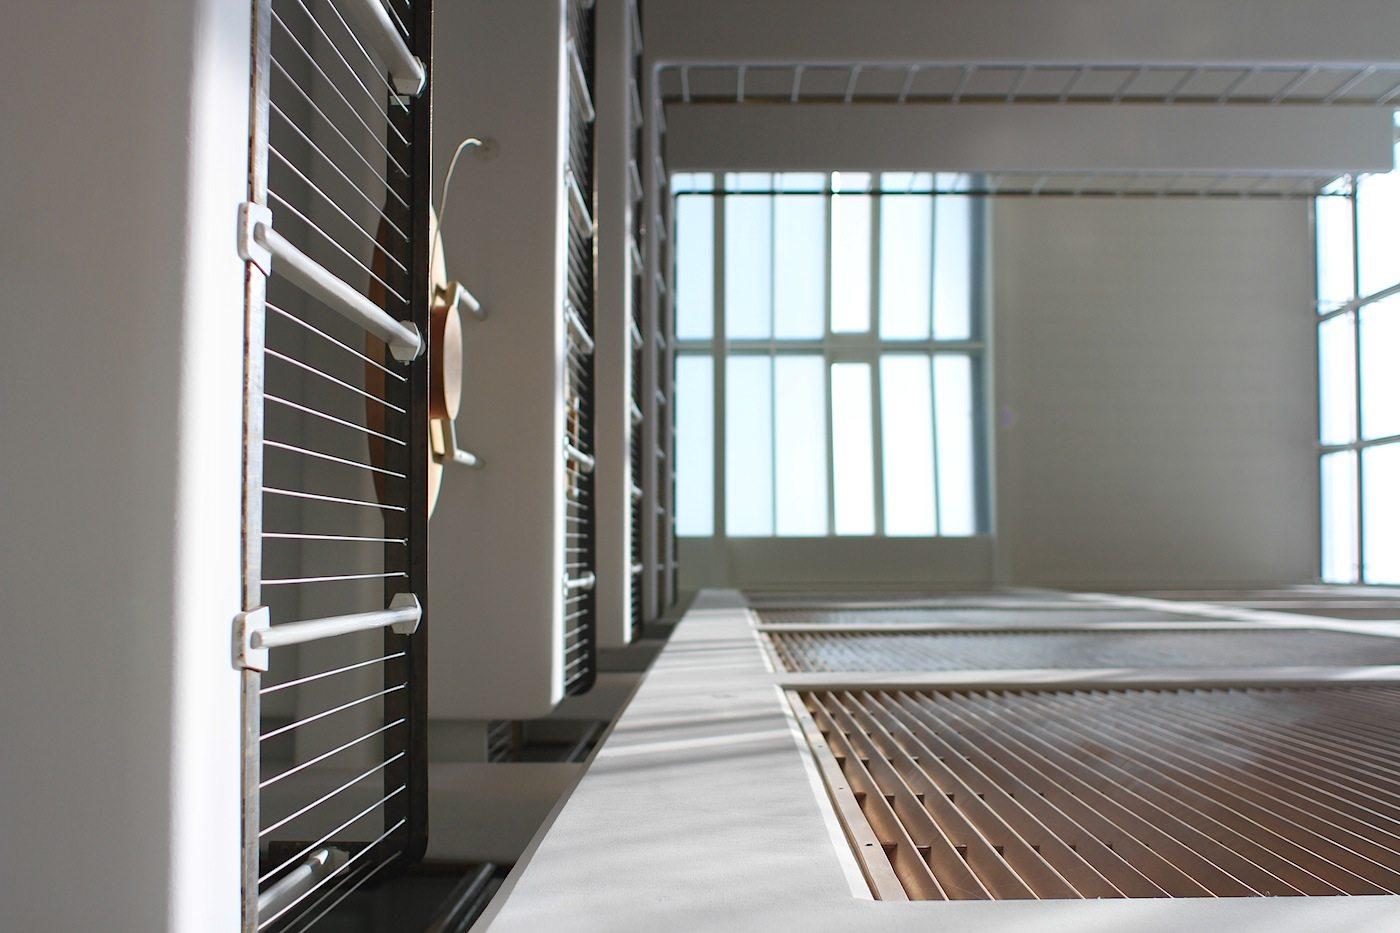 Perspektiven.  Tageslicht in beinah allen Sektionen der Gebäudeteile.